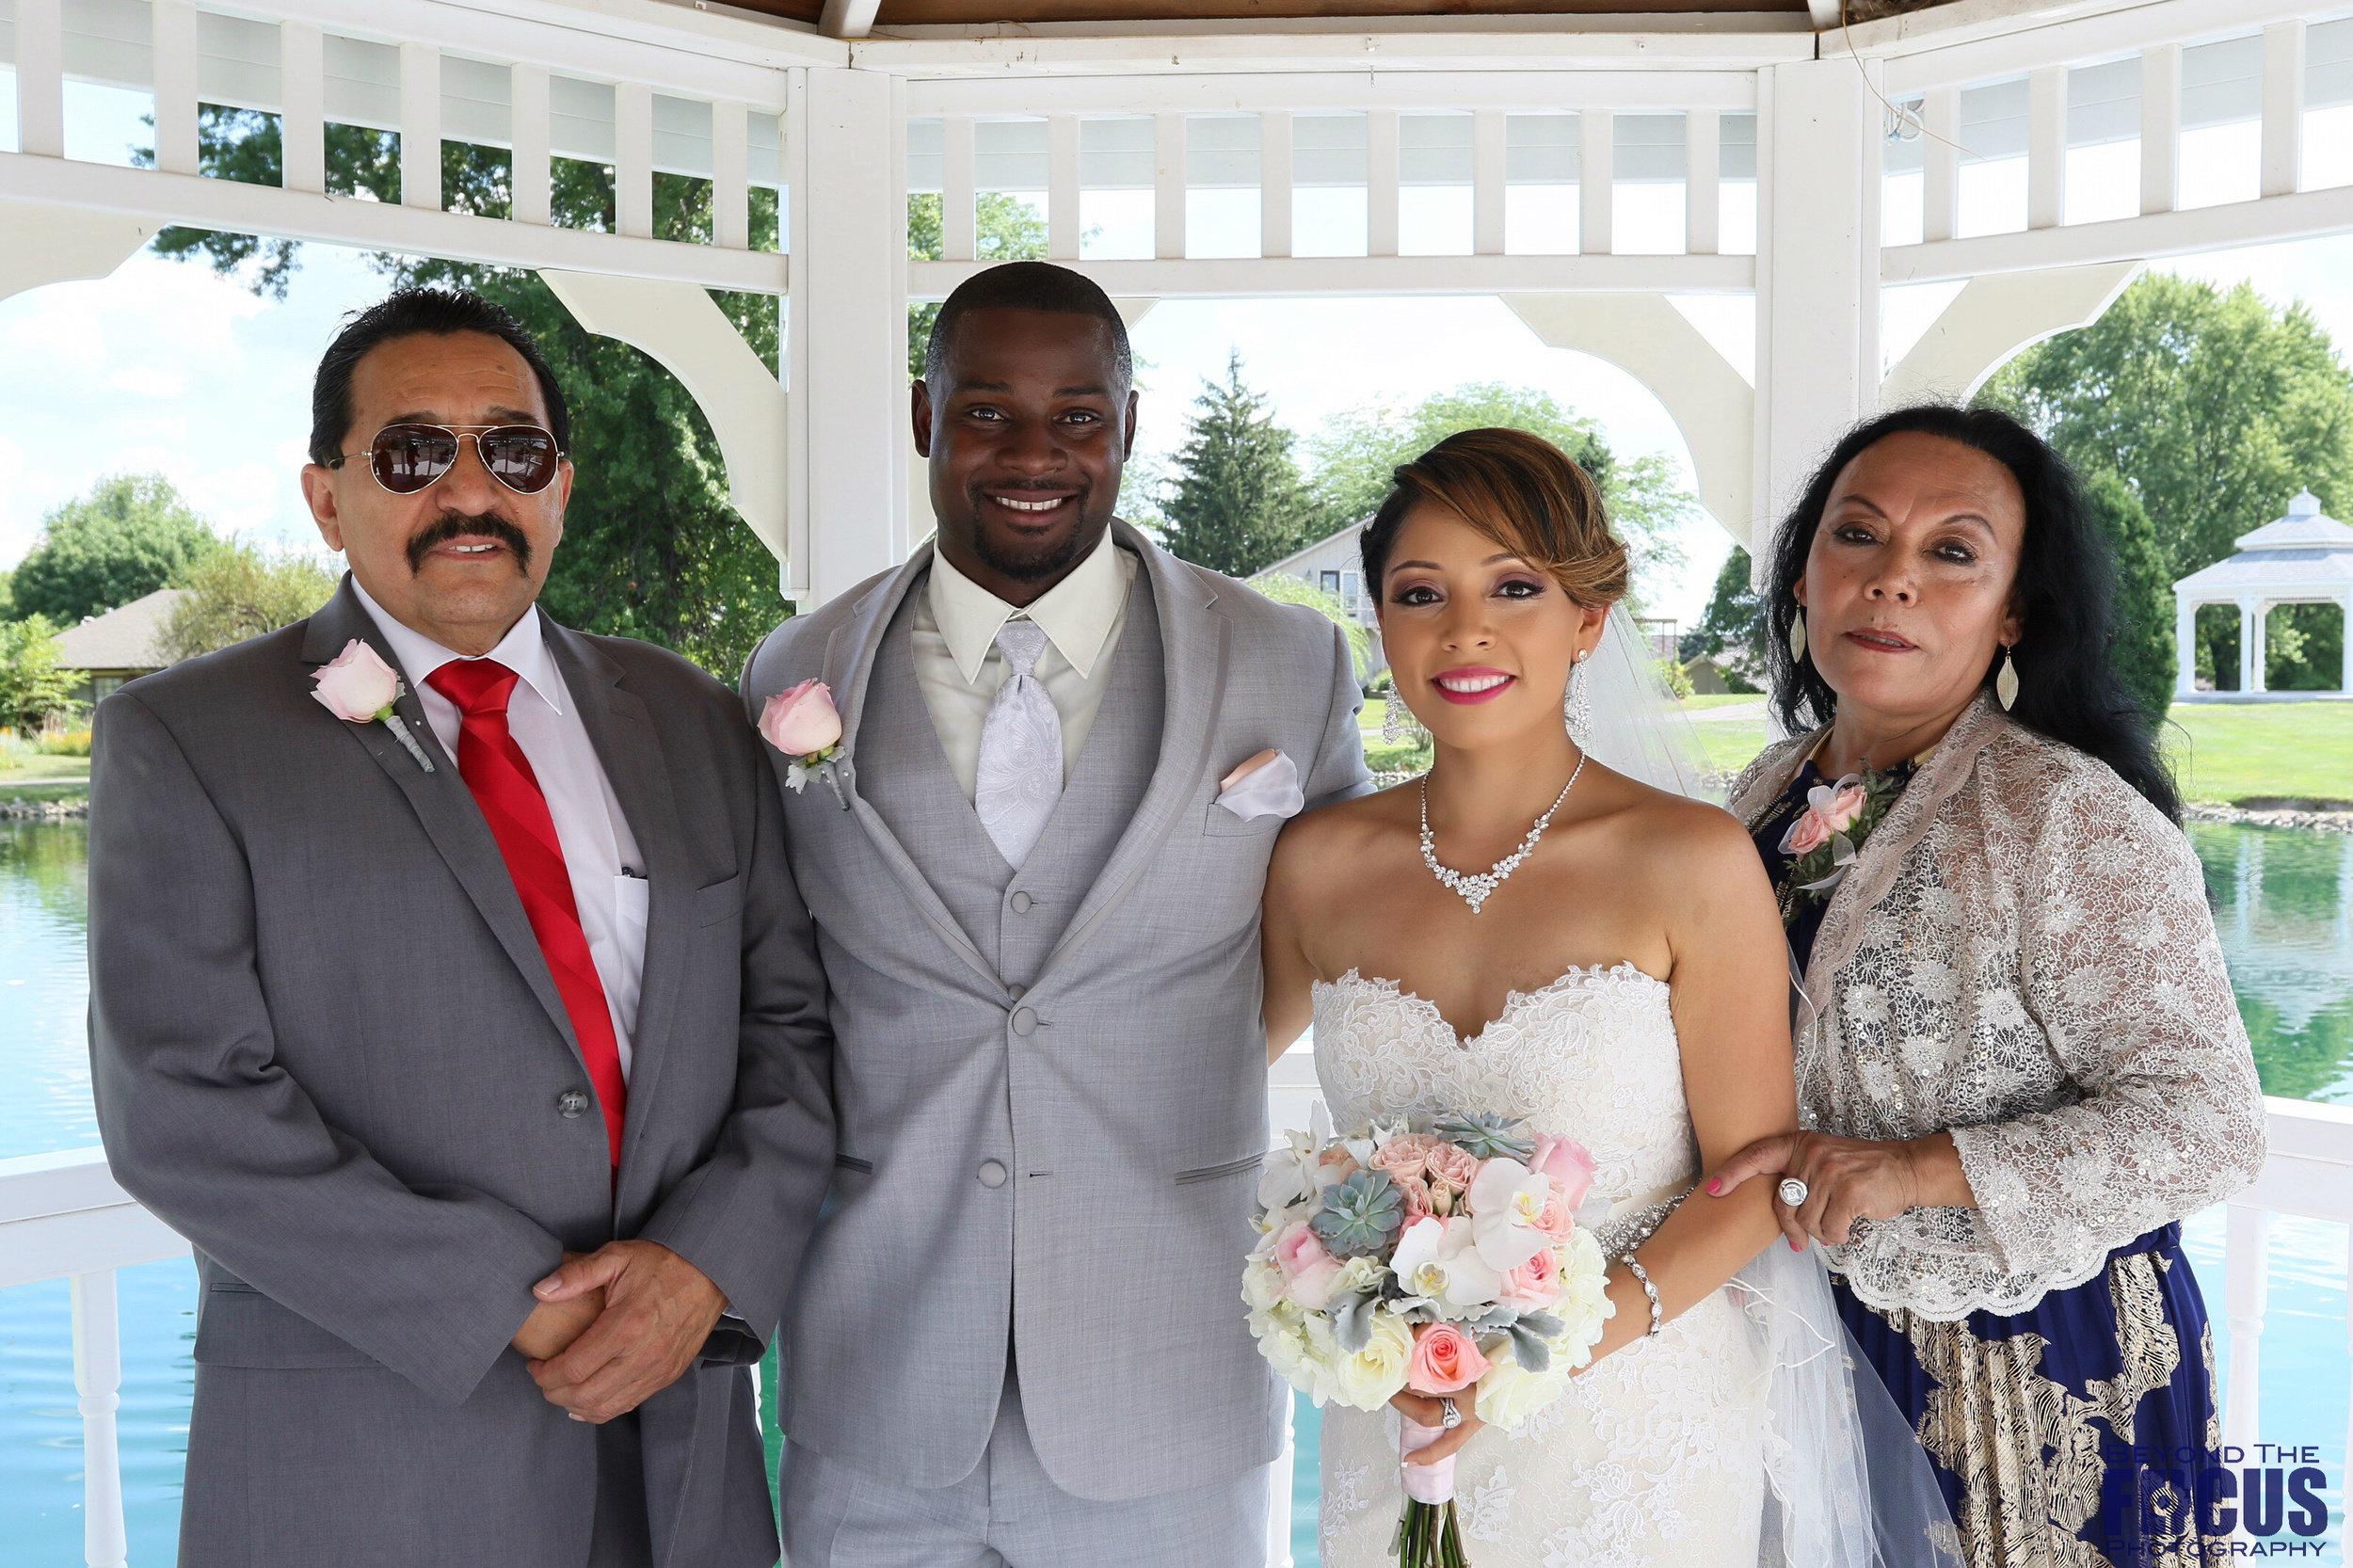 Palmer Wedding - Wedding Party9.jpg